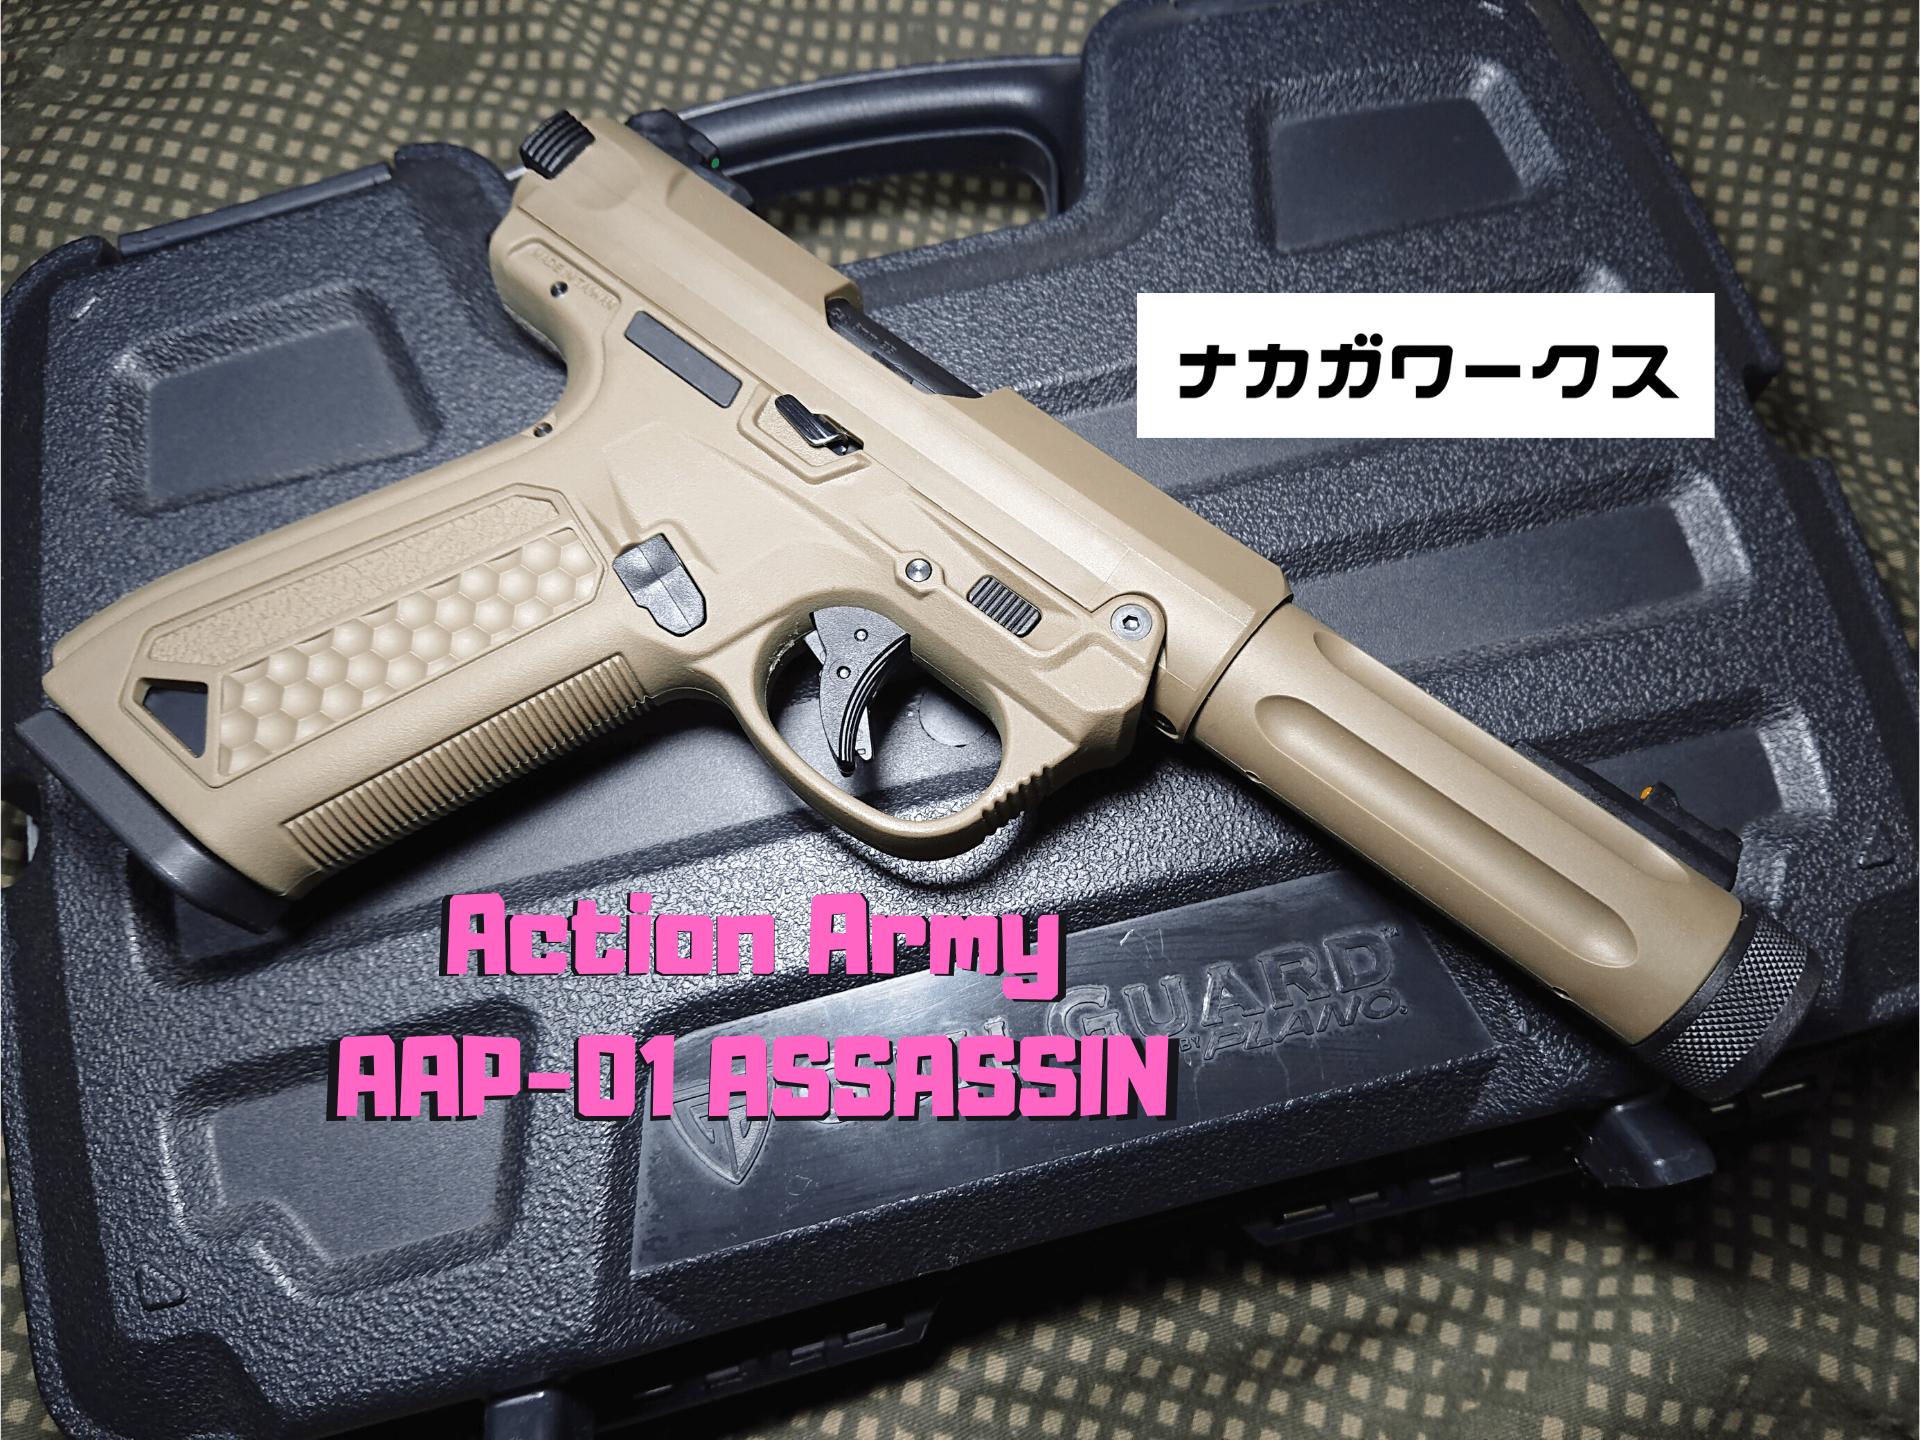 アクションアーミーのガスブロ AAP-01アサシンのレビュー /Action Army AAP-01 ASSASSIN FDE GBB